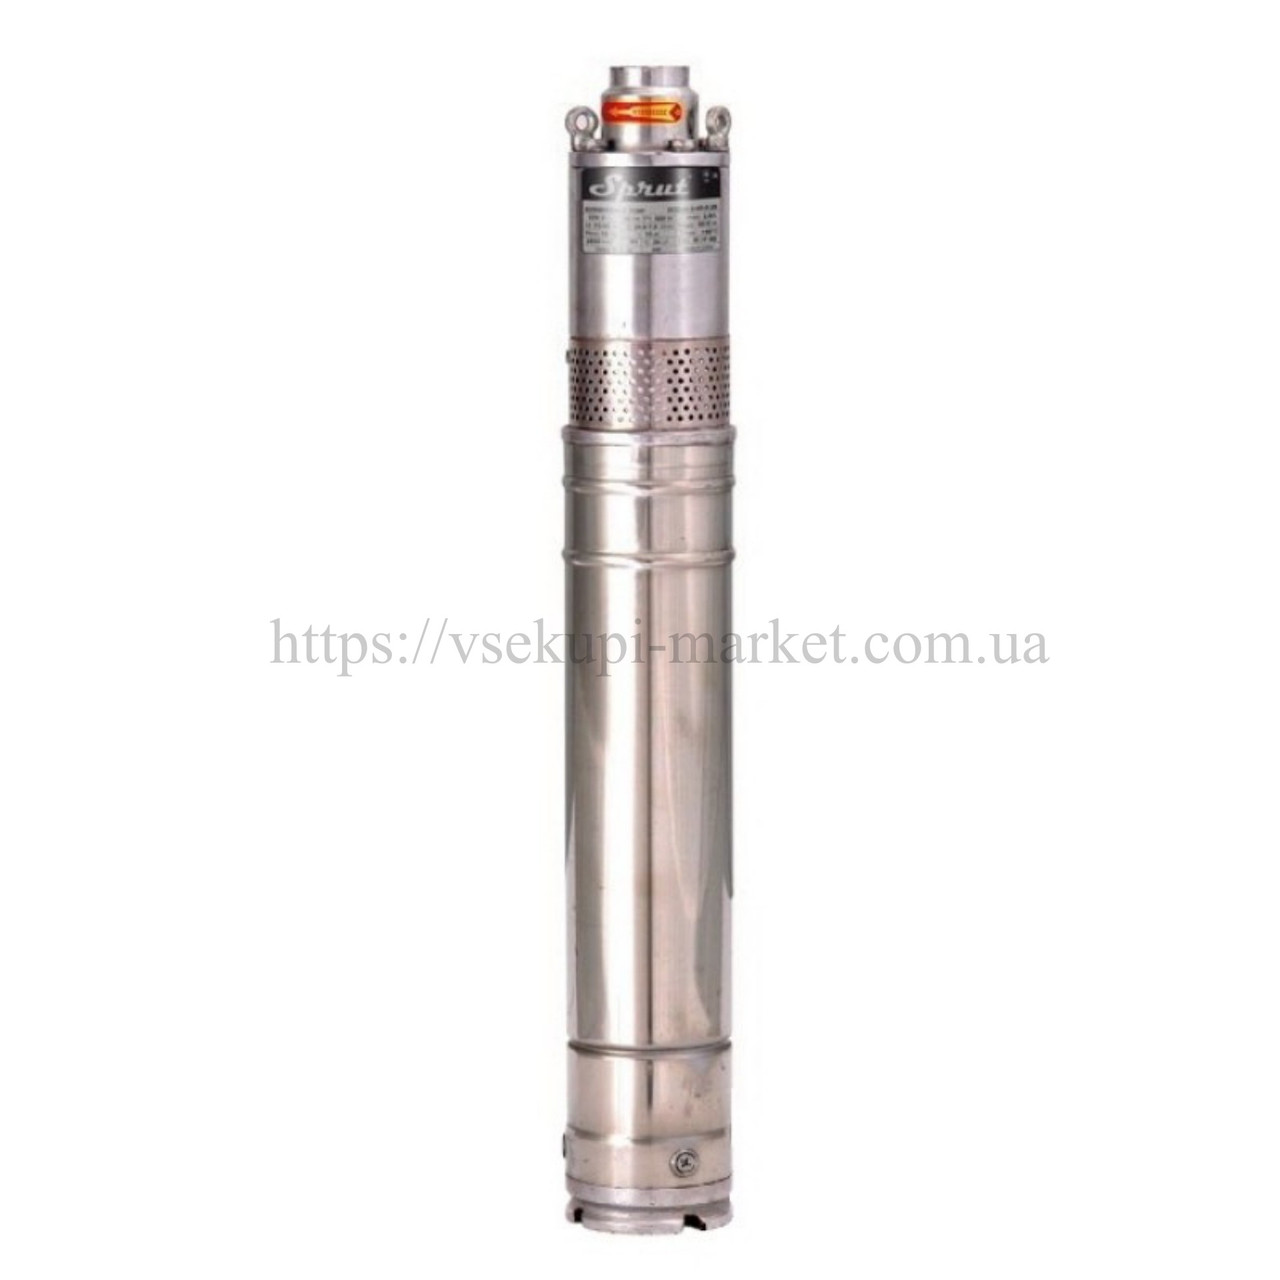 Скважинный насос SPRUT QGDа 1,5-120-1.1 + пульт управления